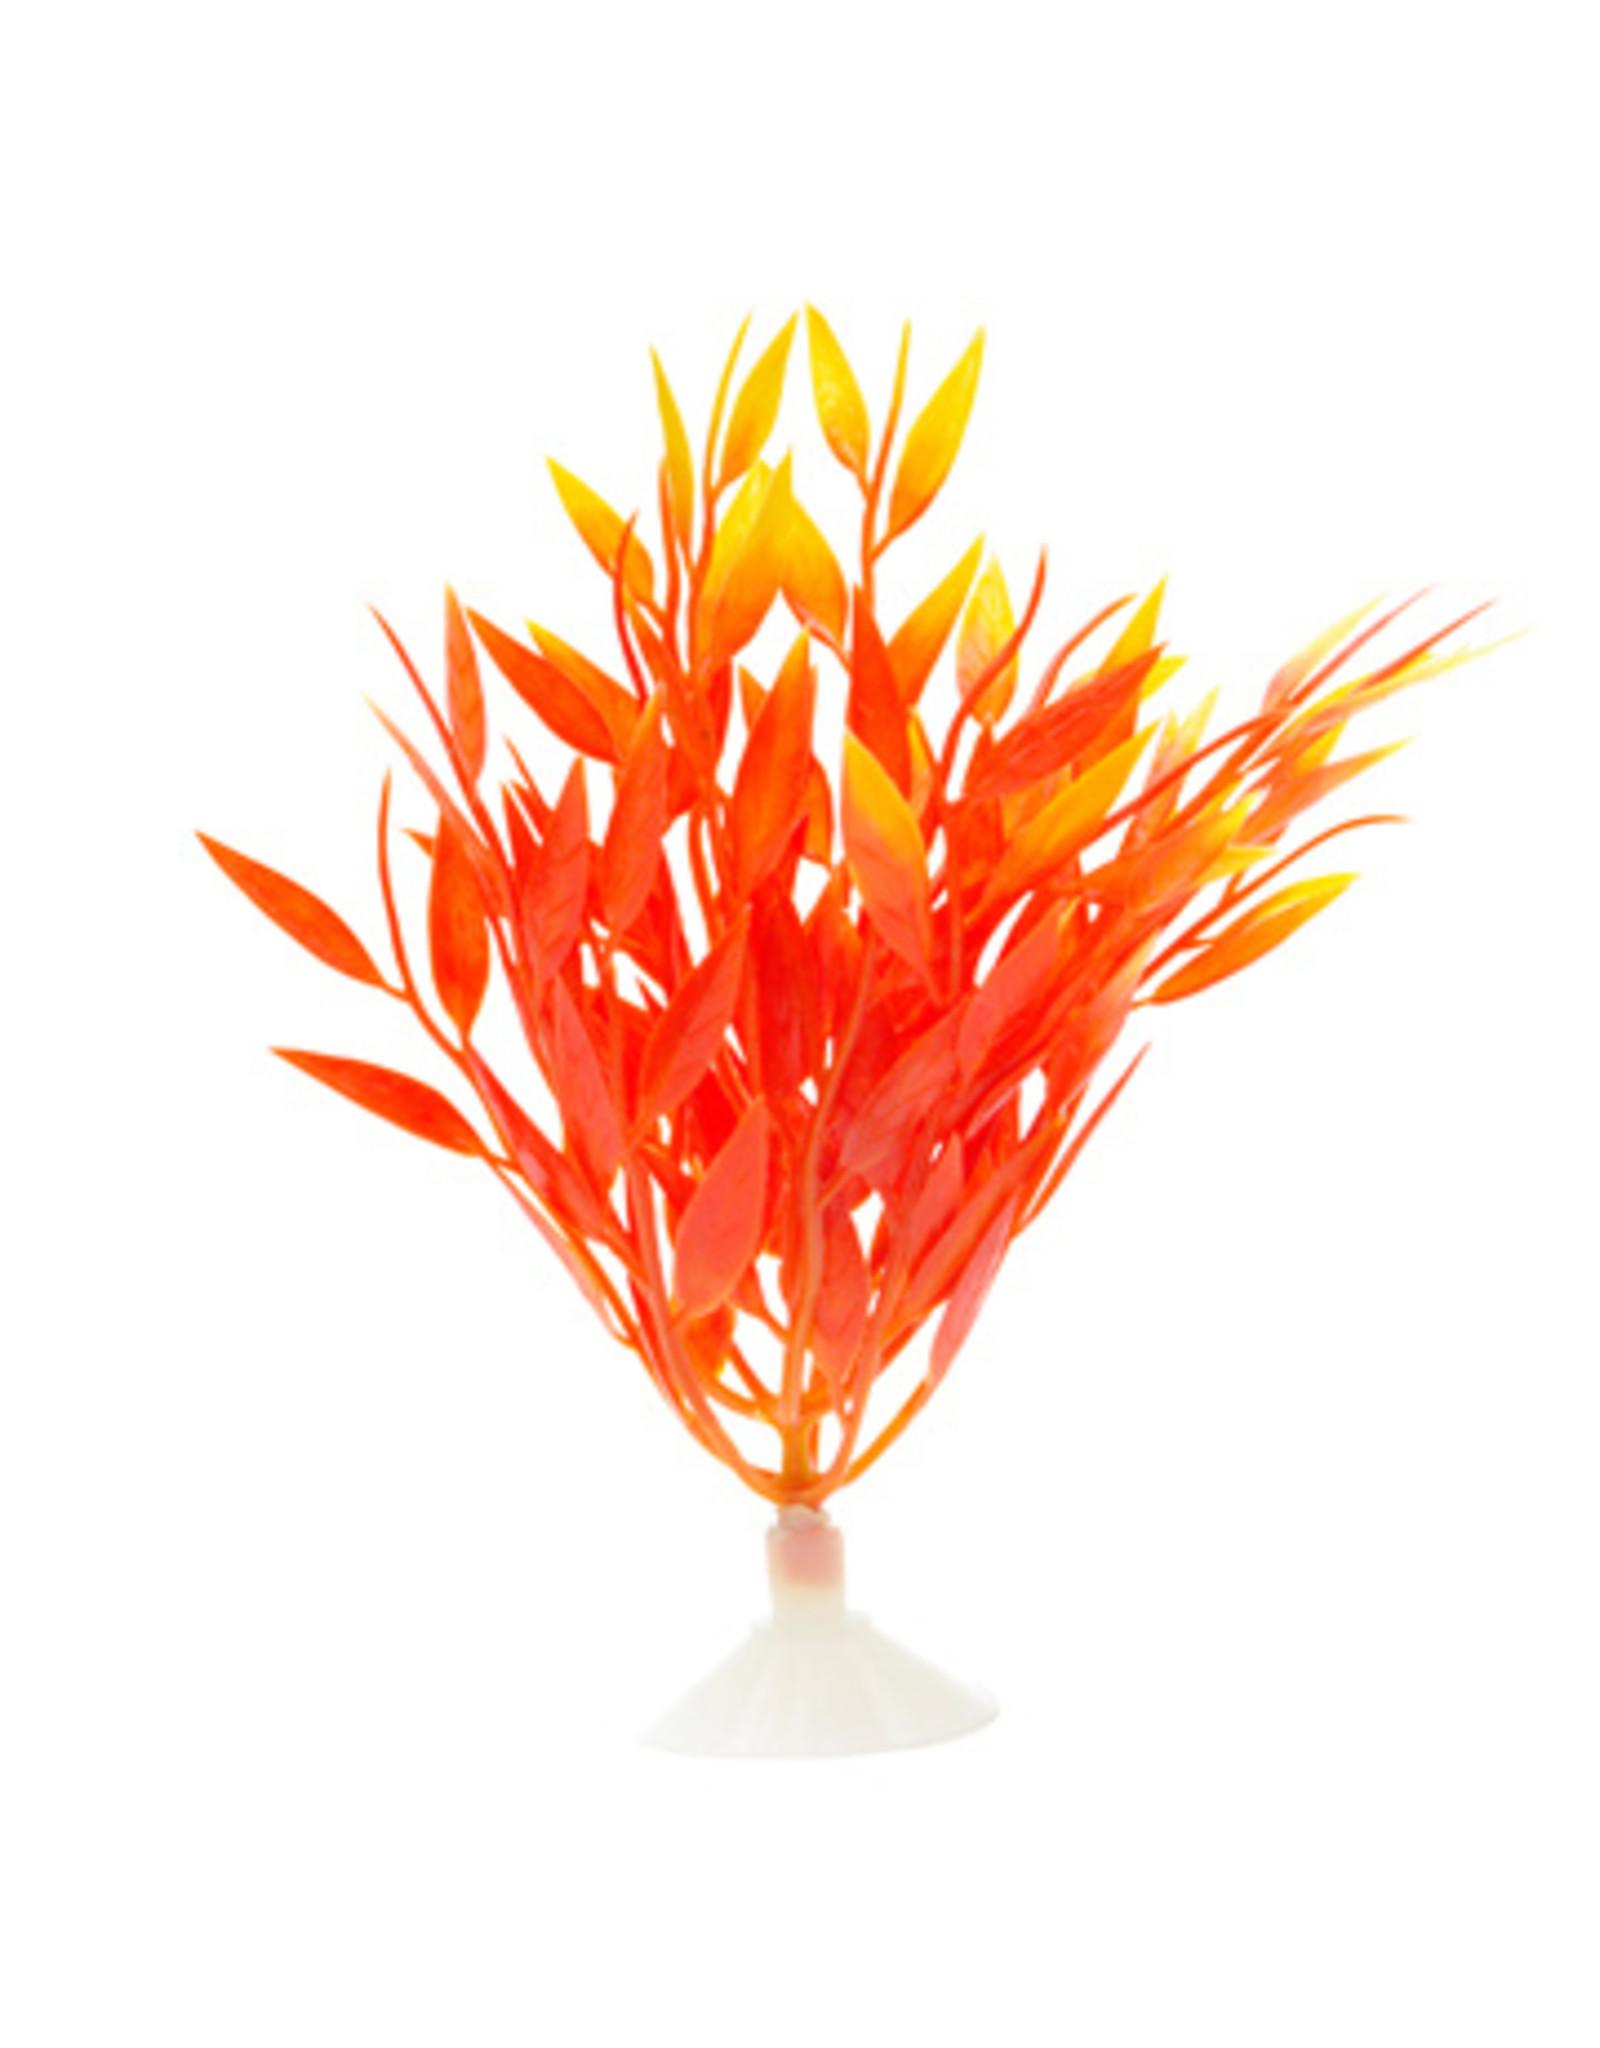 Marina MARINA Betta Ornament Fire Grass